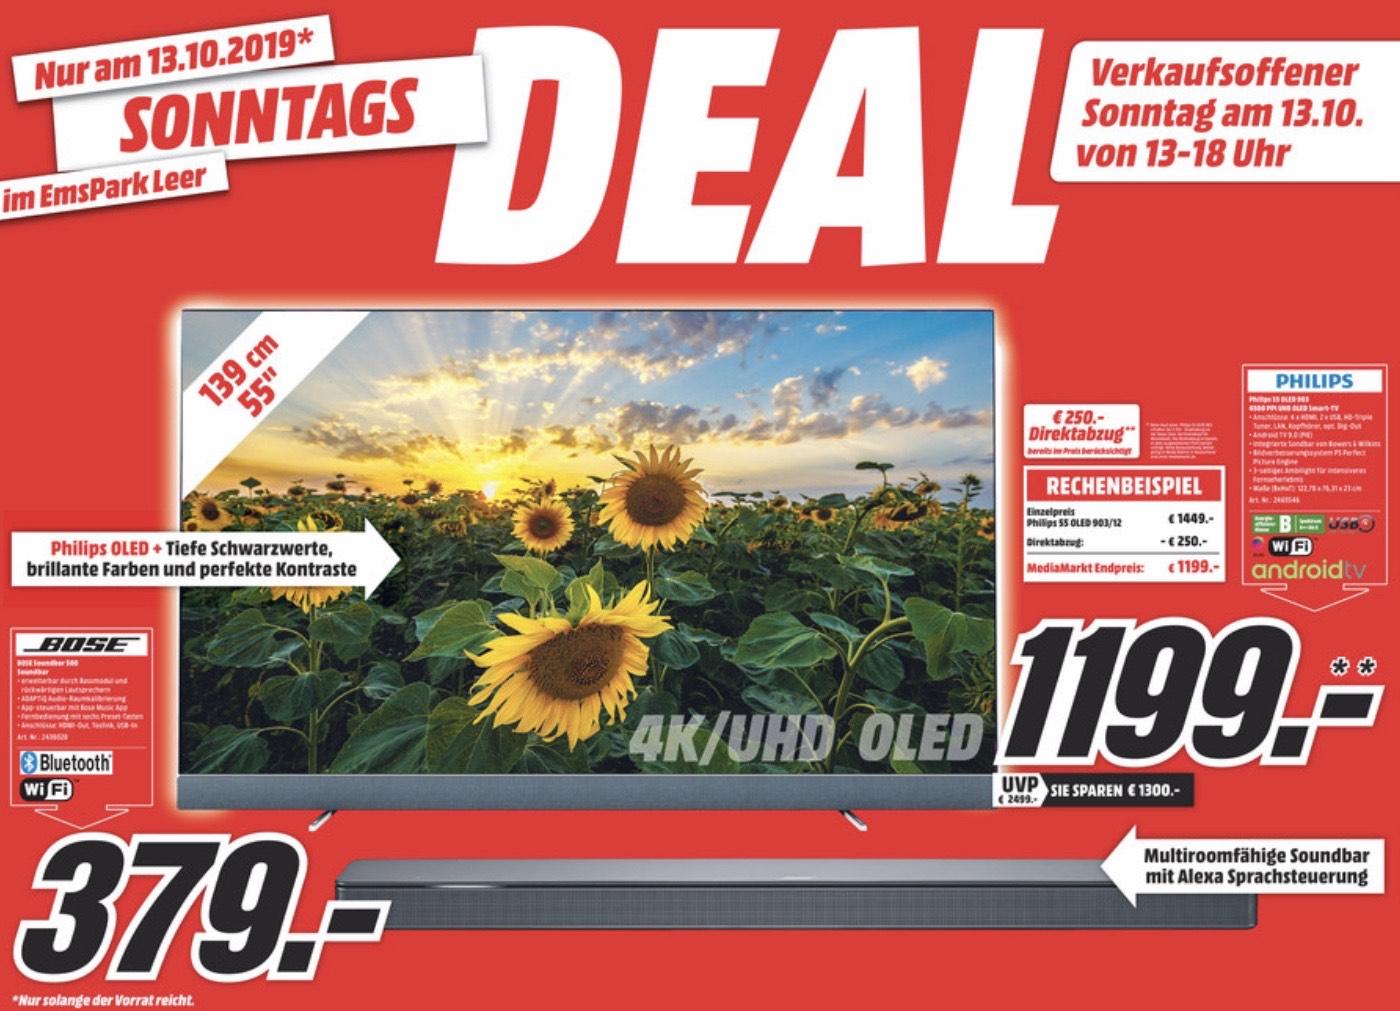 (Grensdeal) Philips 55OLED903 voor 1199 euro.